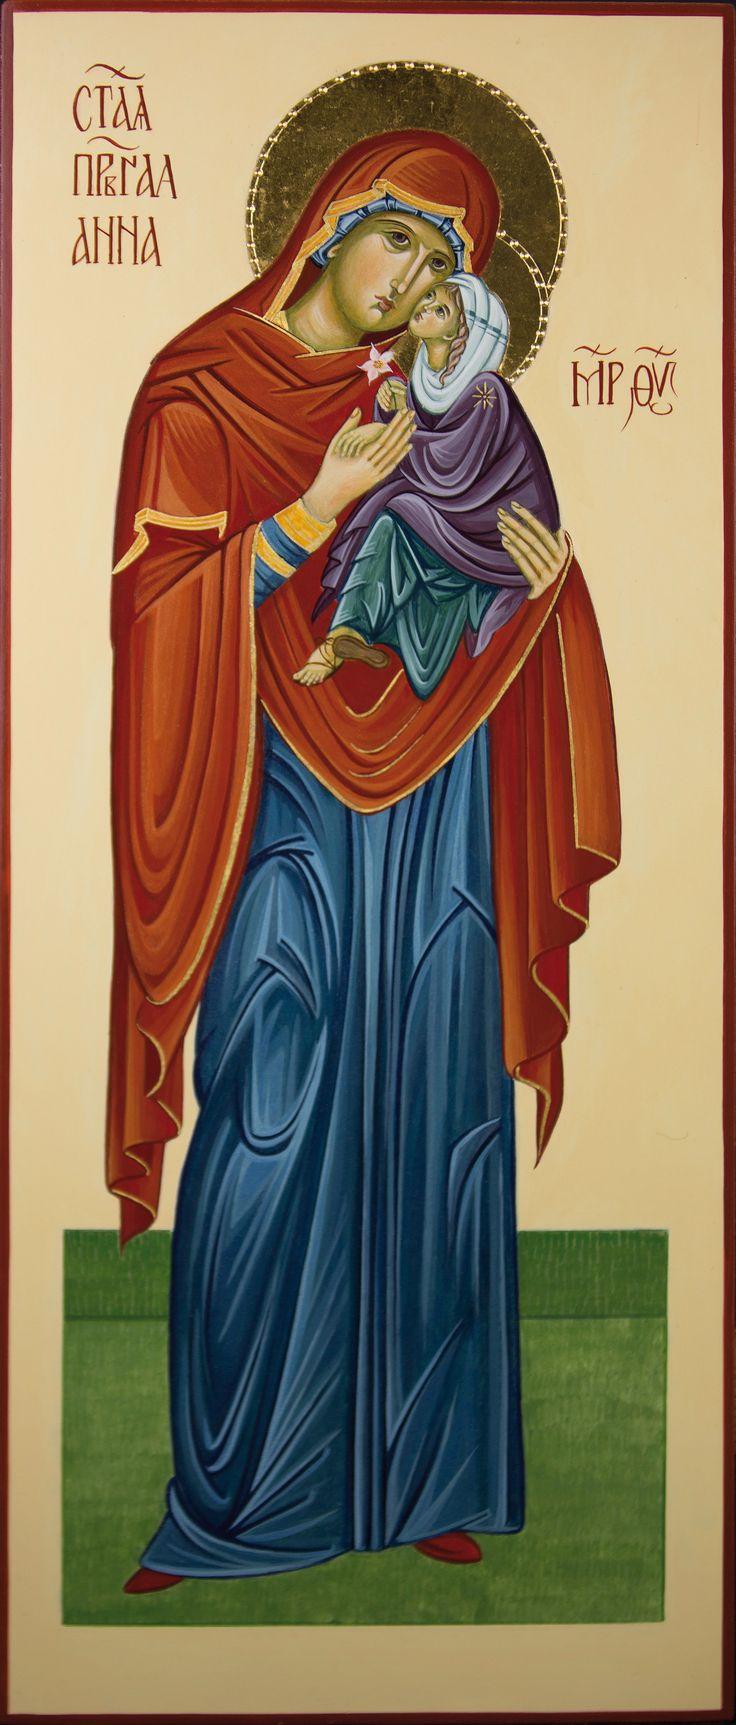 Sant'Anna con Maria per mano di Antonella Pinciroli (Italy)